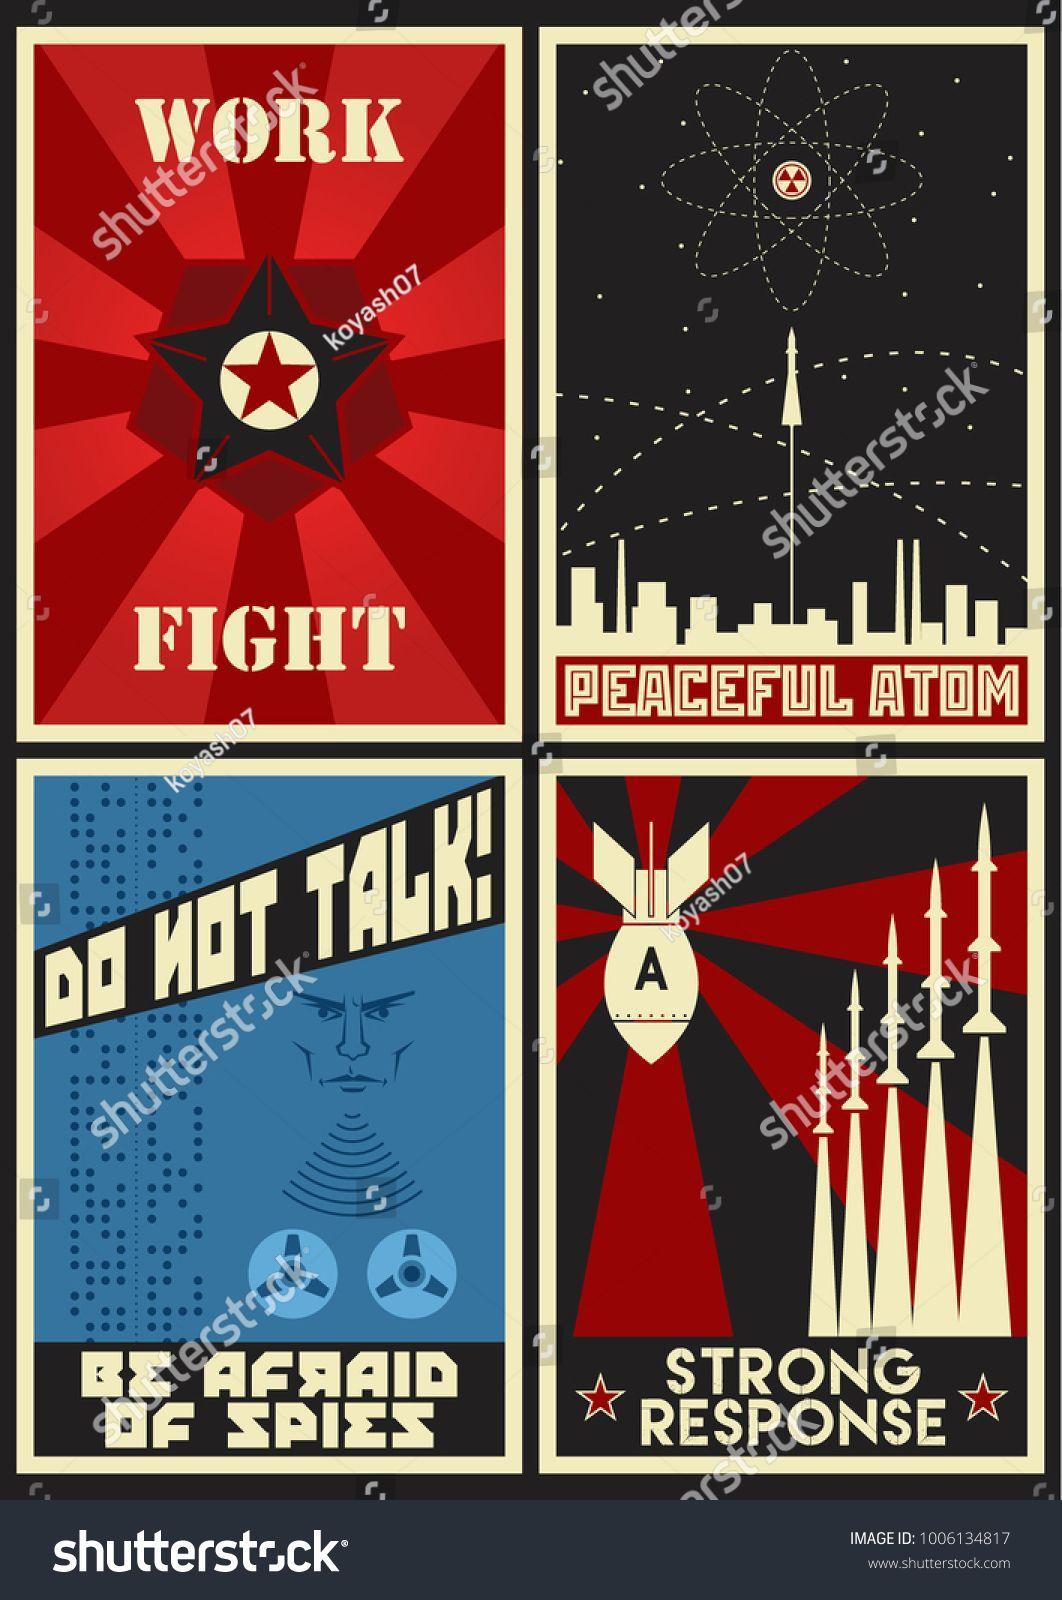 Vector Old Soviet Cold War Propaganda